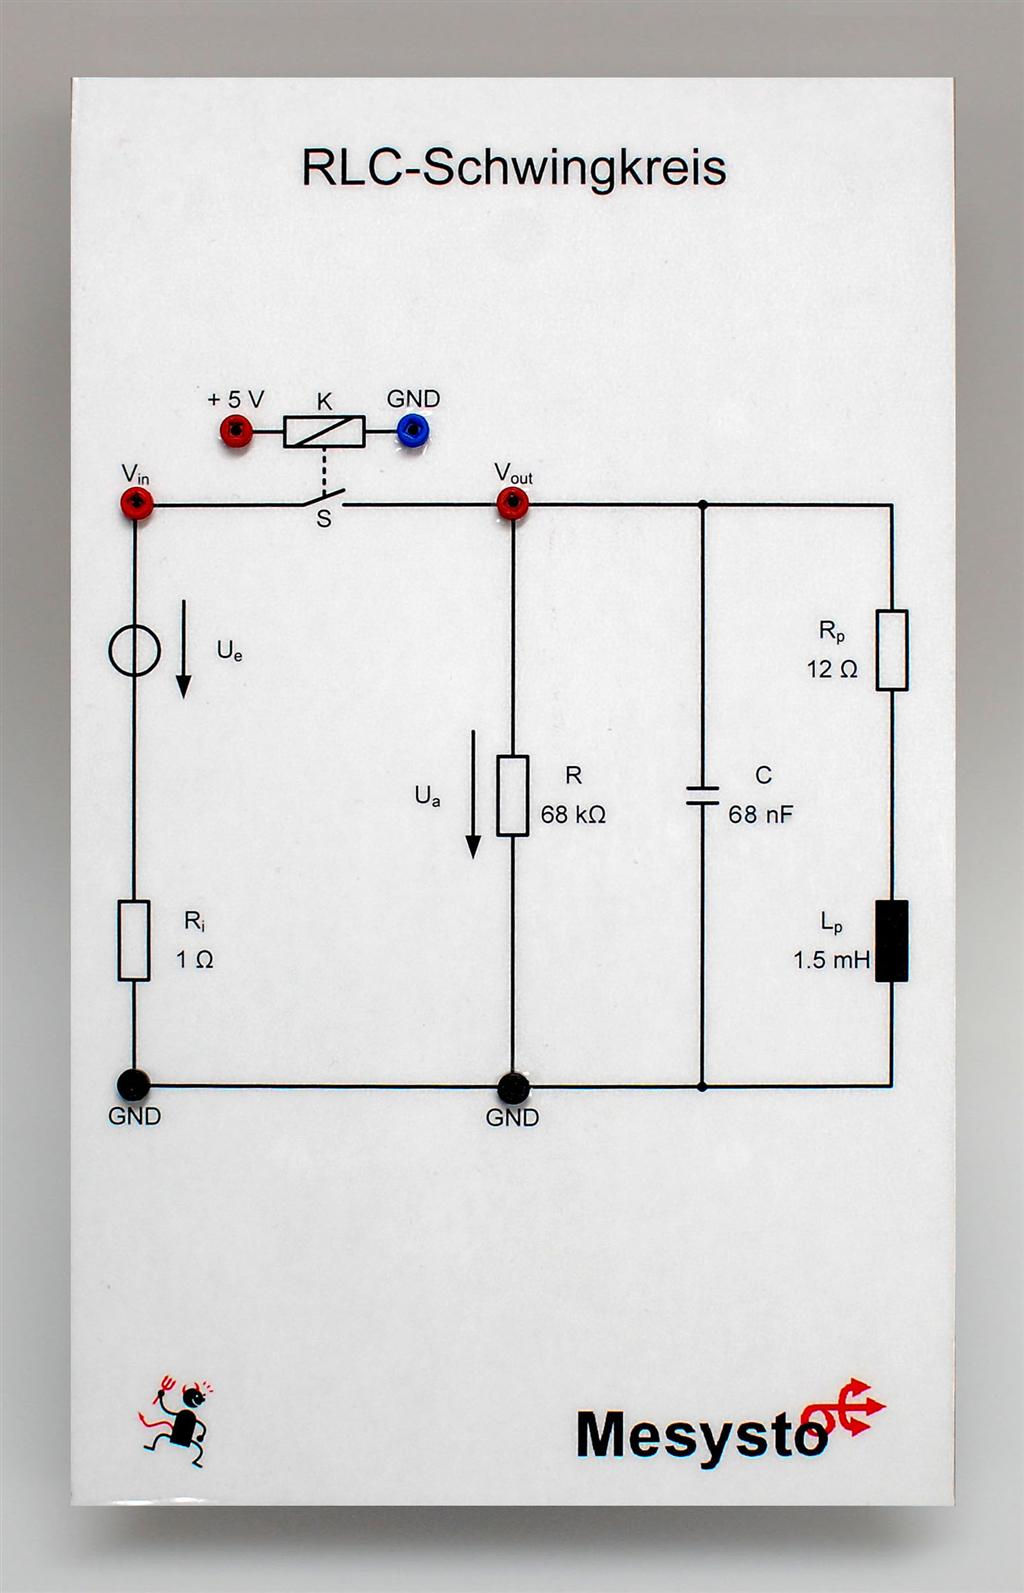 Systemtheorie Online: RLC-Netzwerke mit gespeicherter Energie